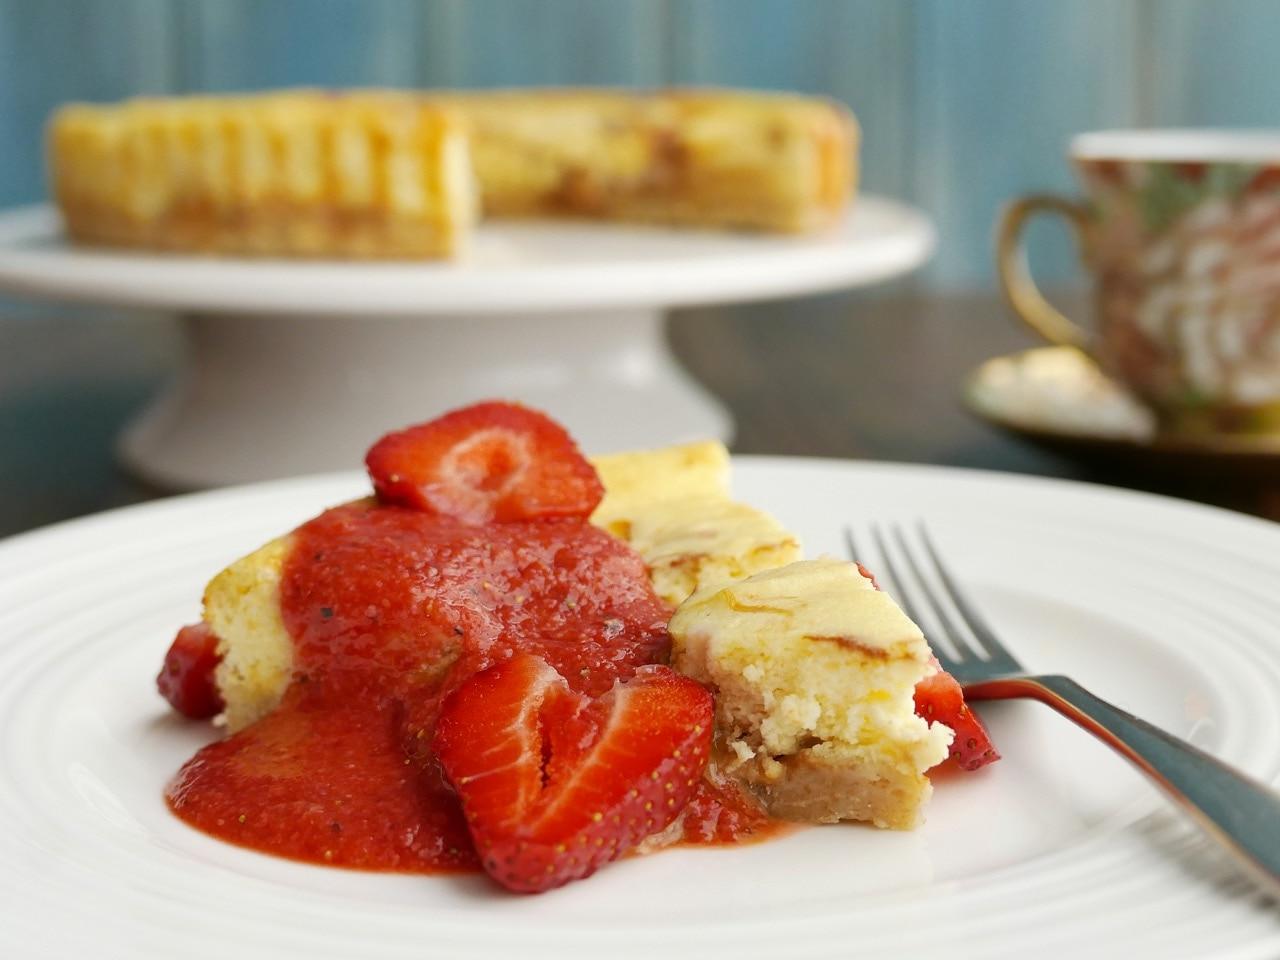 Dulche de Leche Cheesecake Tart